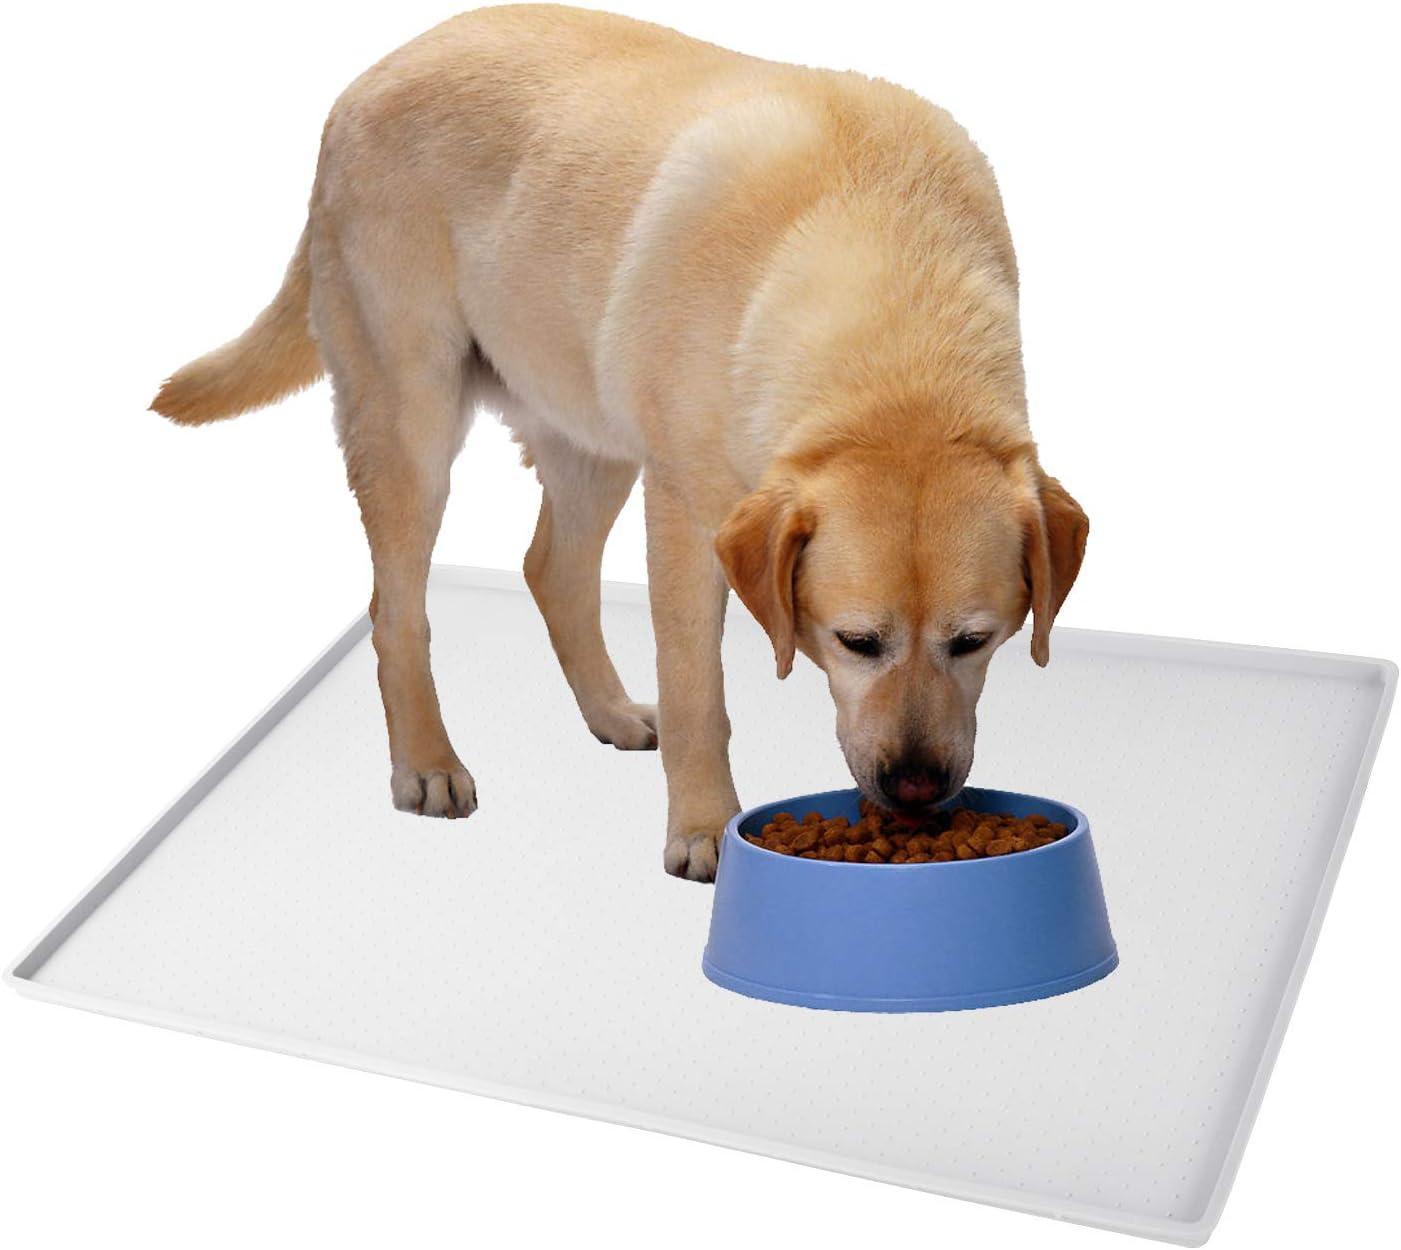 Gosmol Dog Food Mat XL (24x16) or L (20